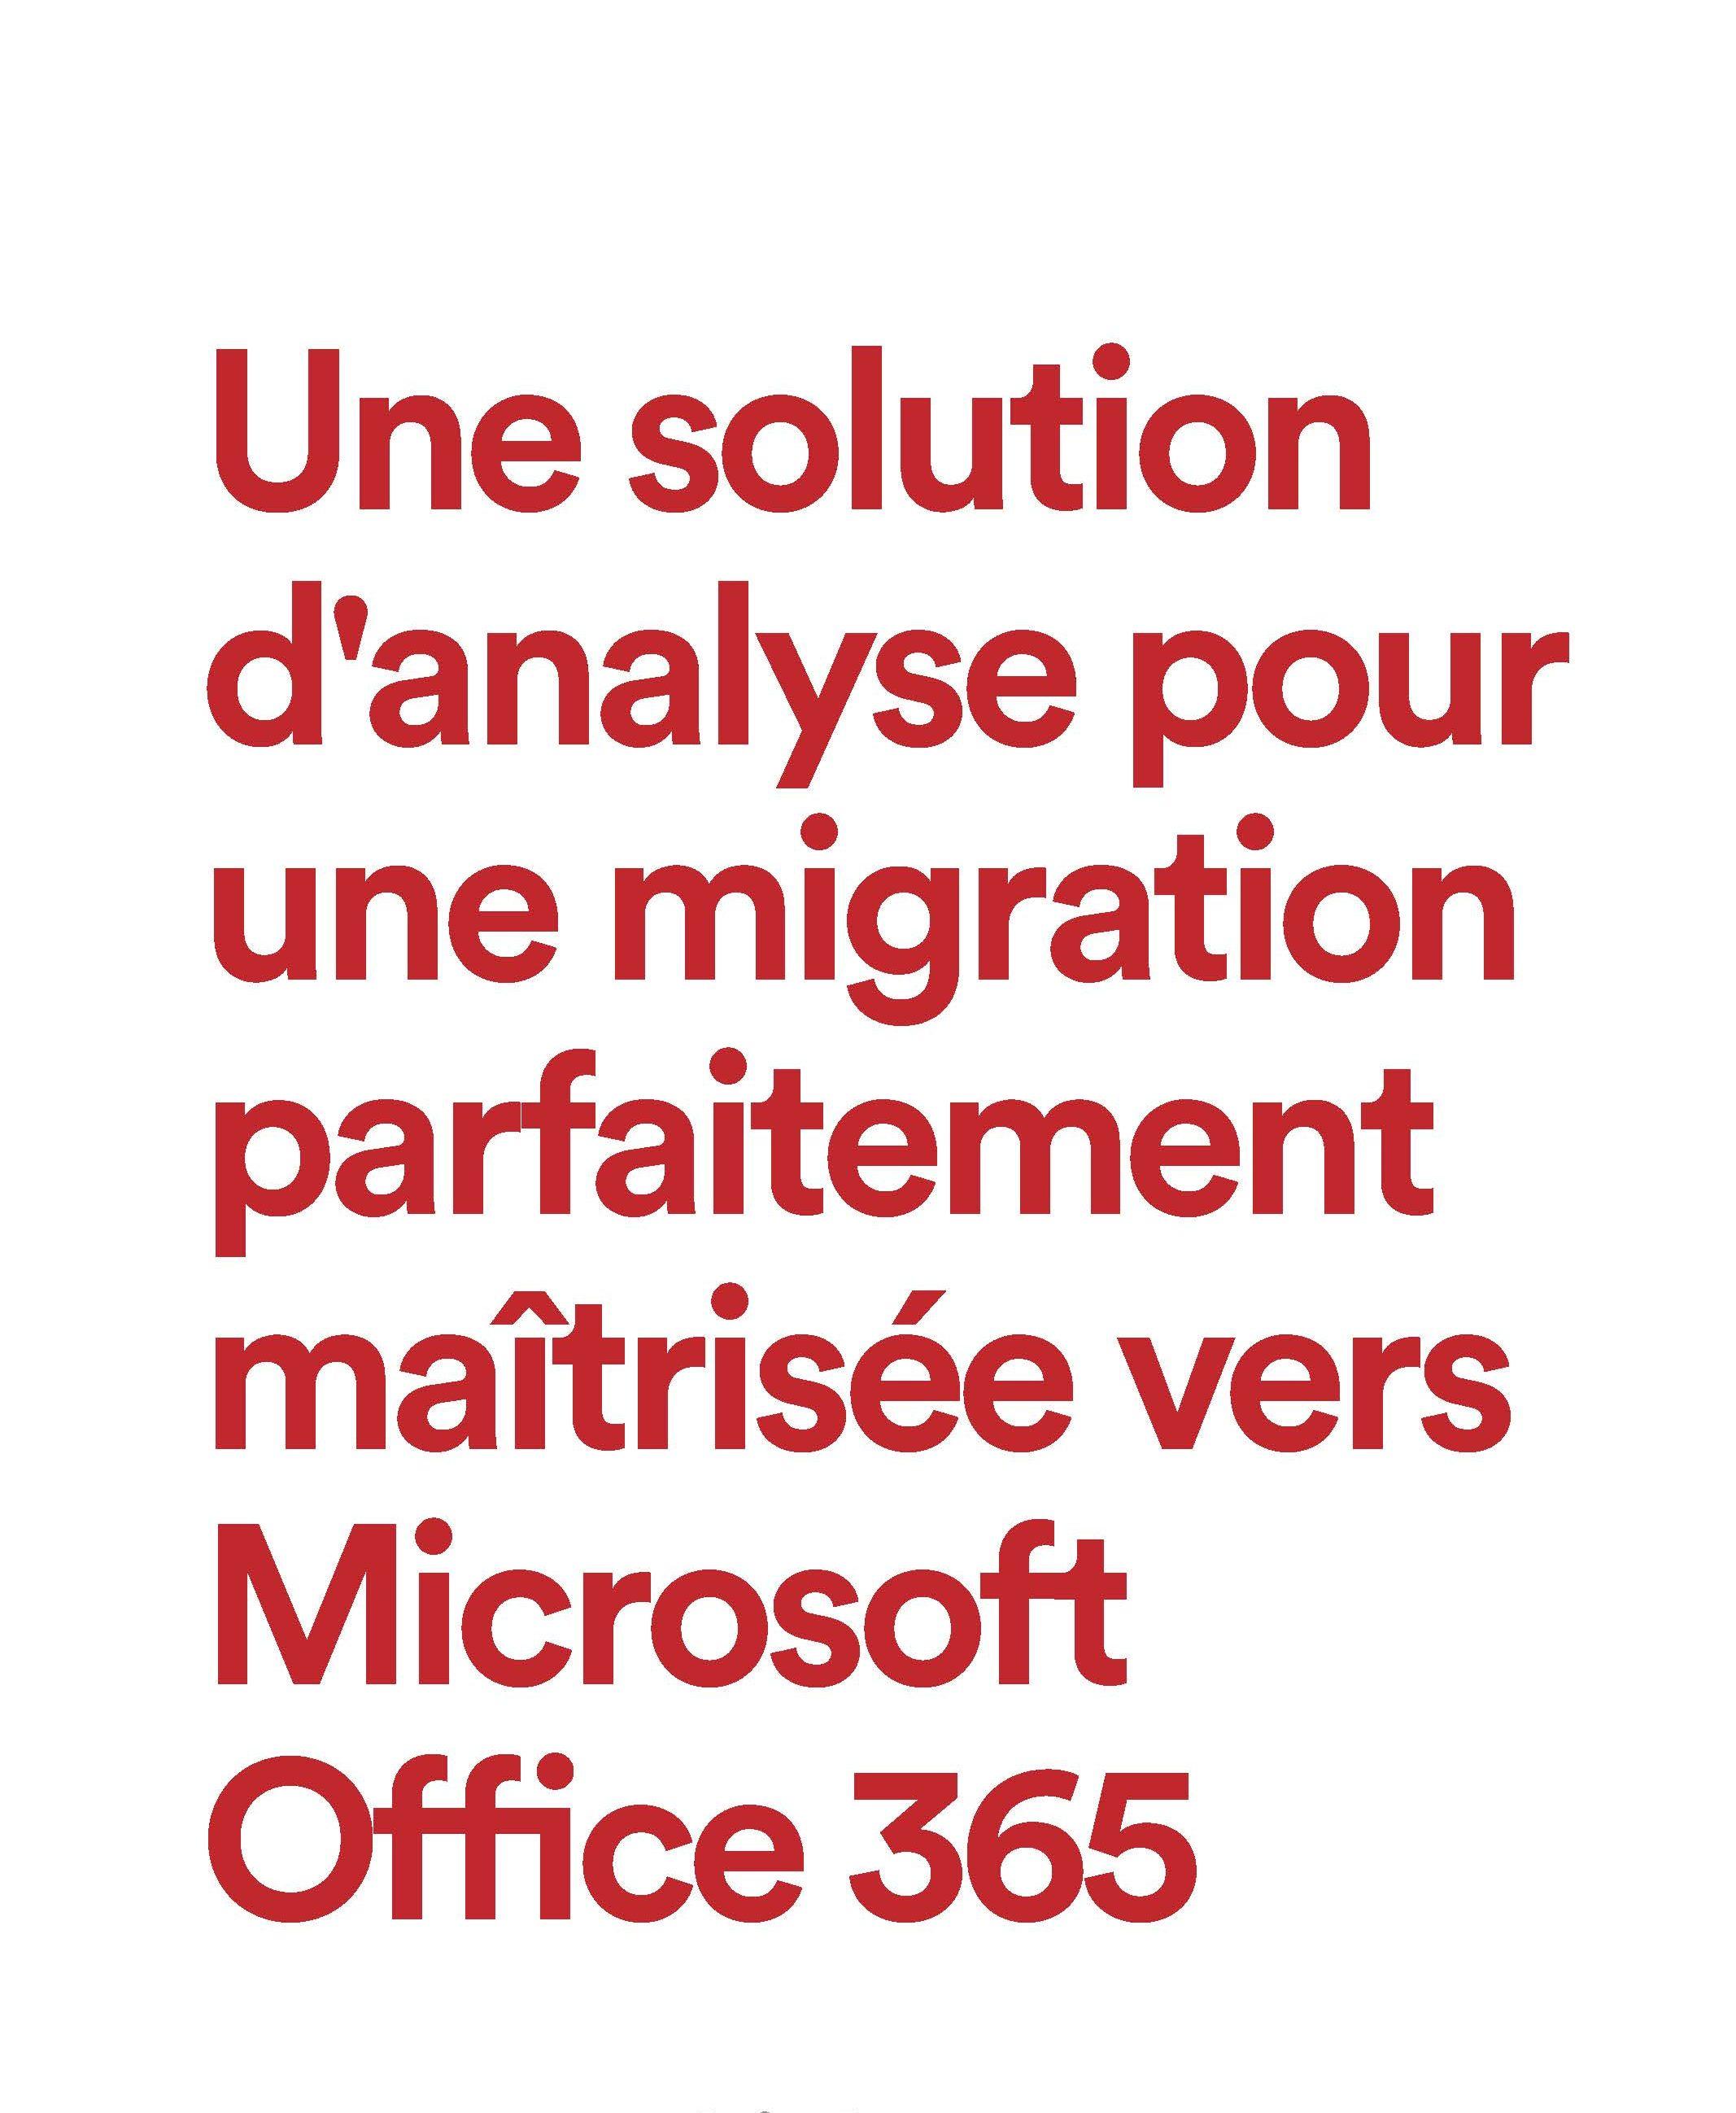 Maîtrisez votre migration vers Office 365